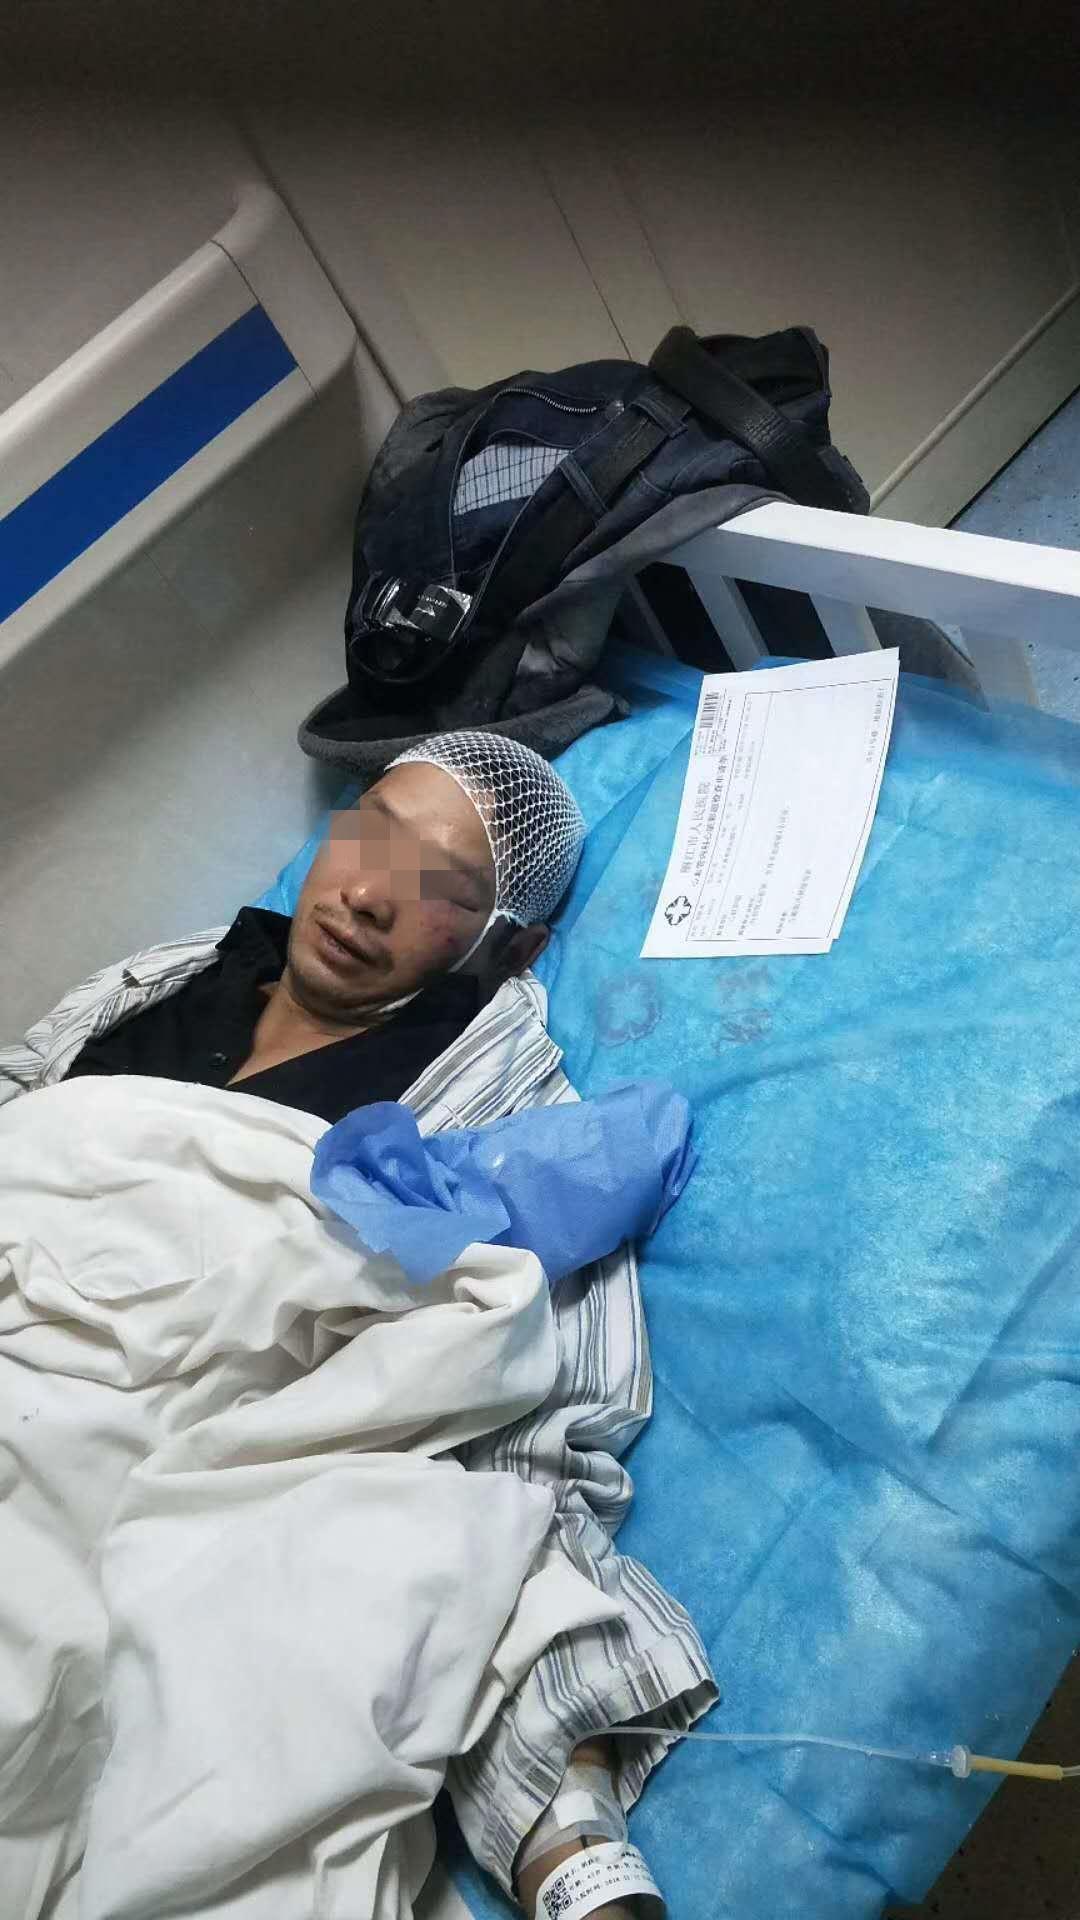 受伤工人在医院治疗。受访者供图